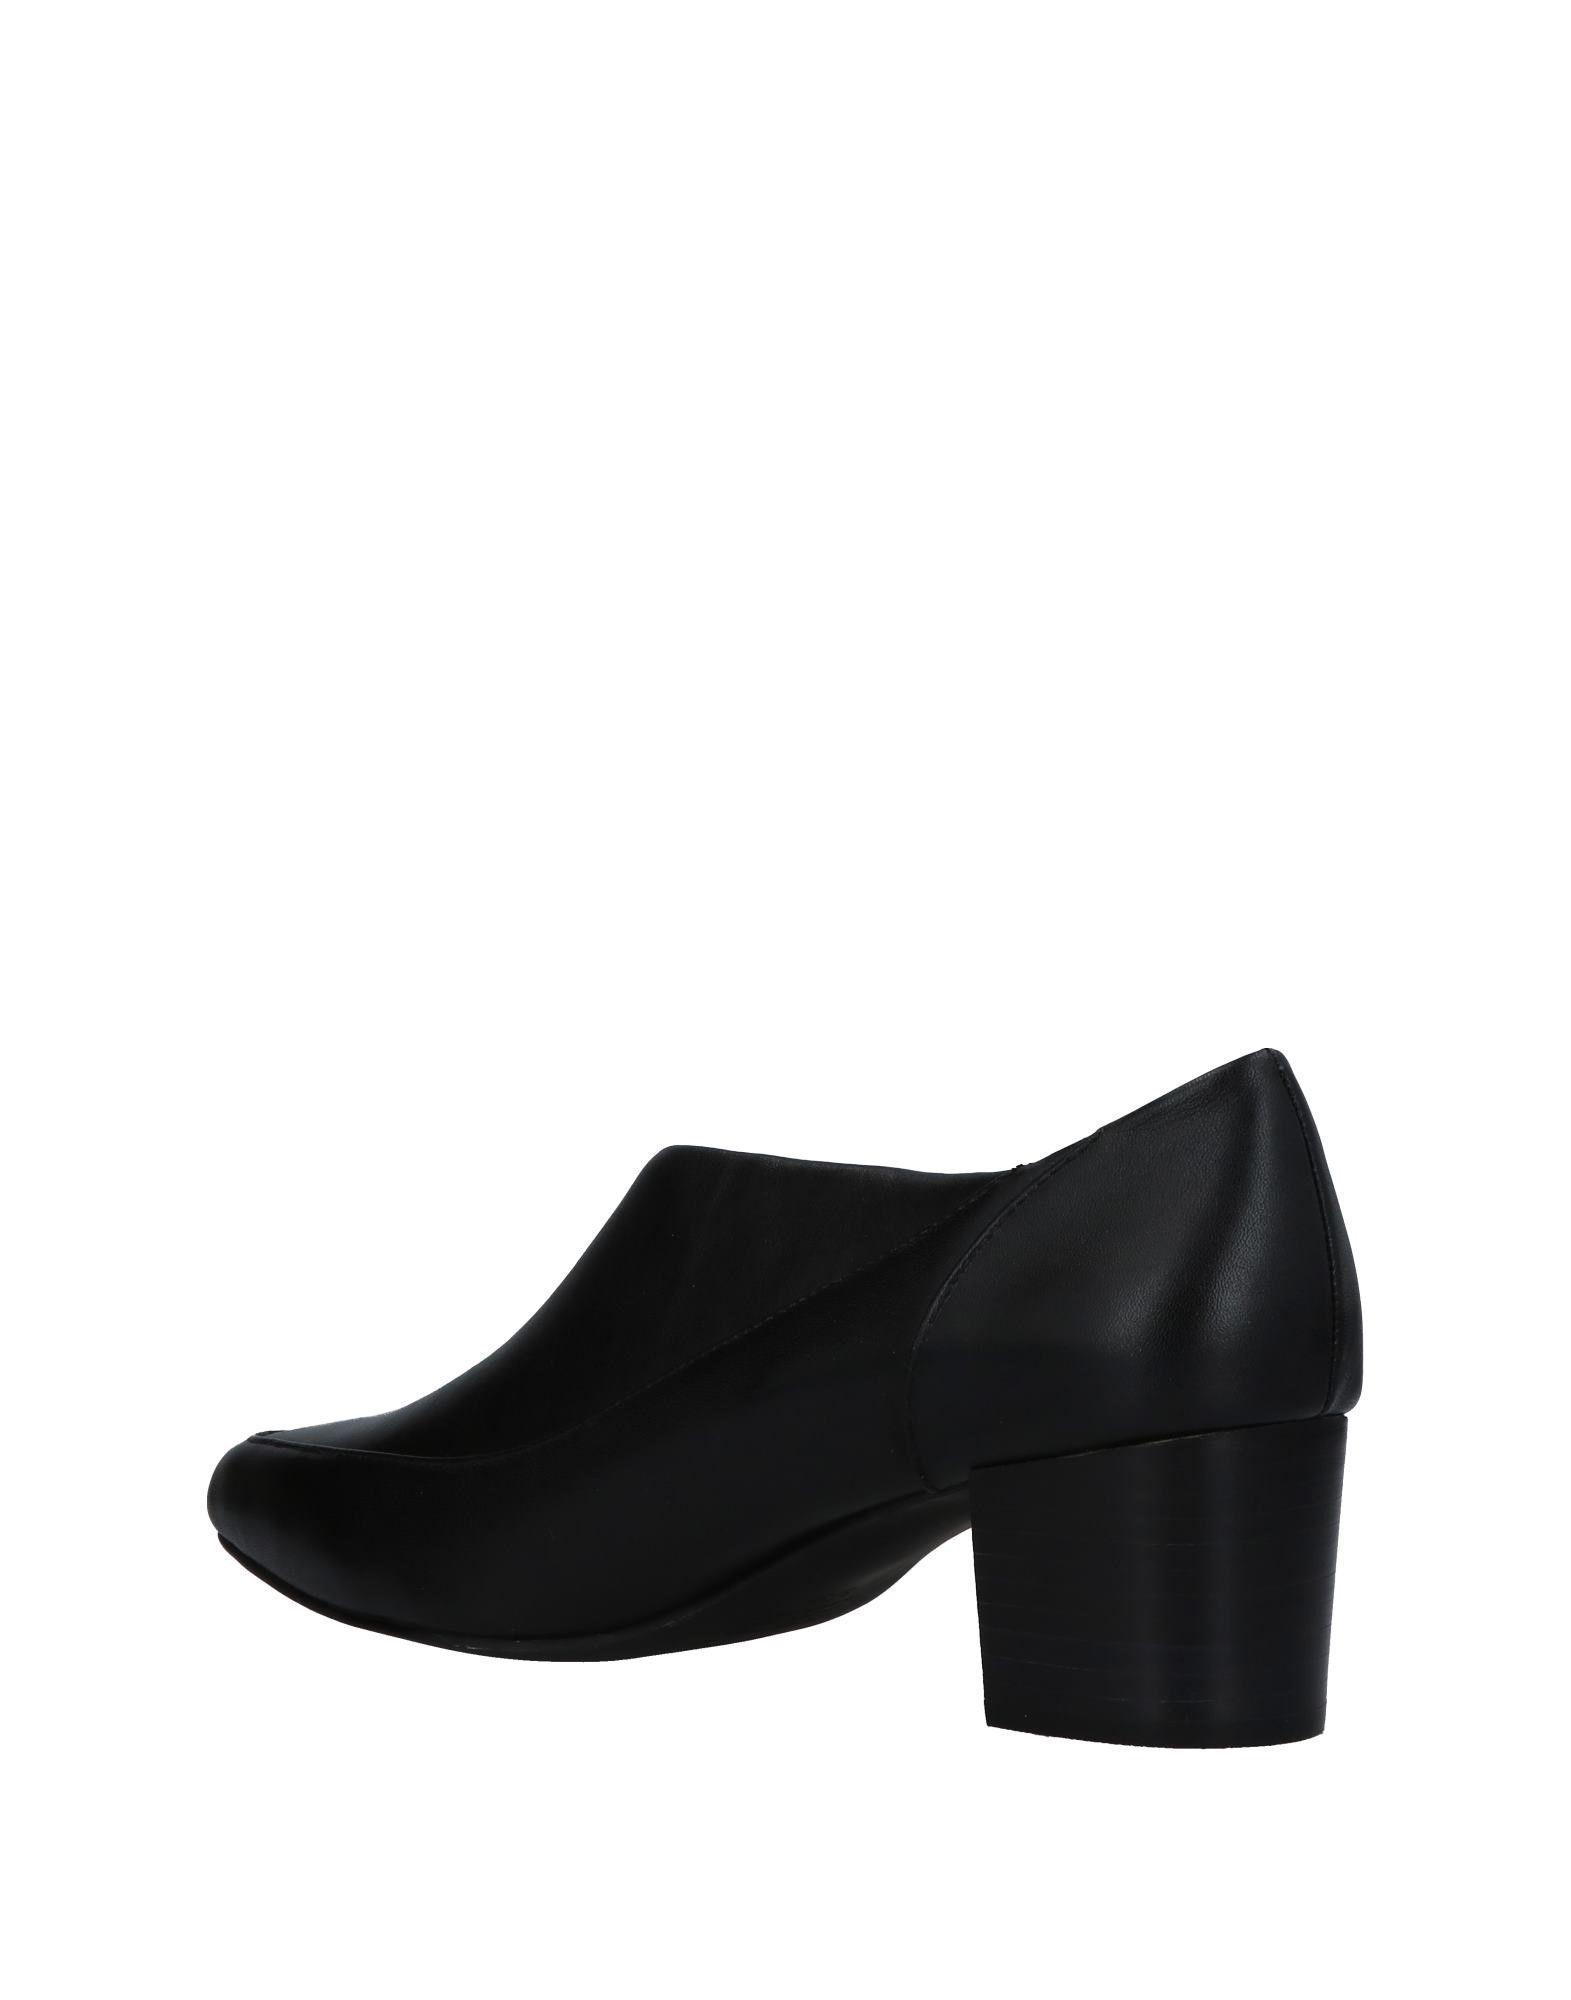 Pumps Qualität Damen  11390099PN Gute Qualität Pumps beliebte Schuhe f07b22